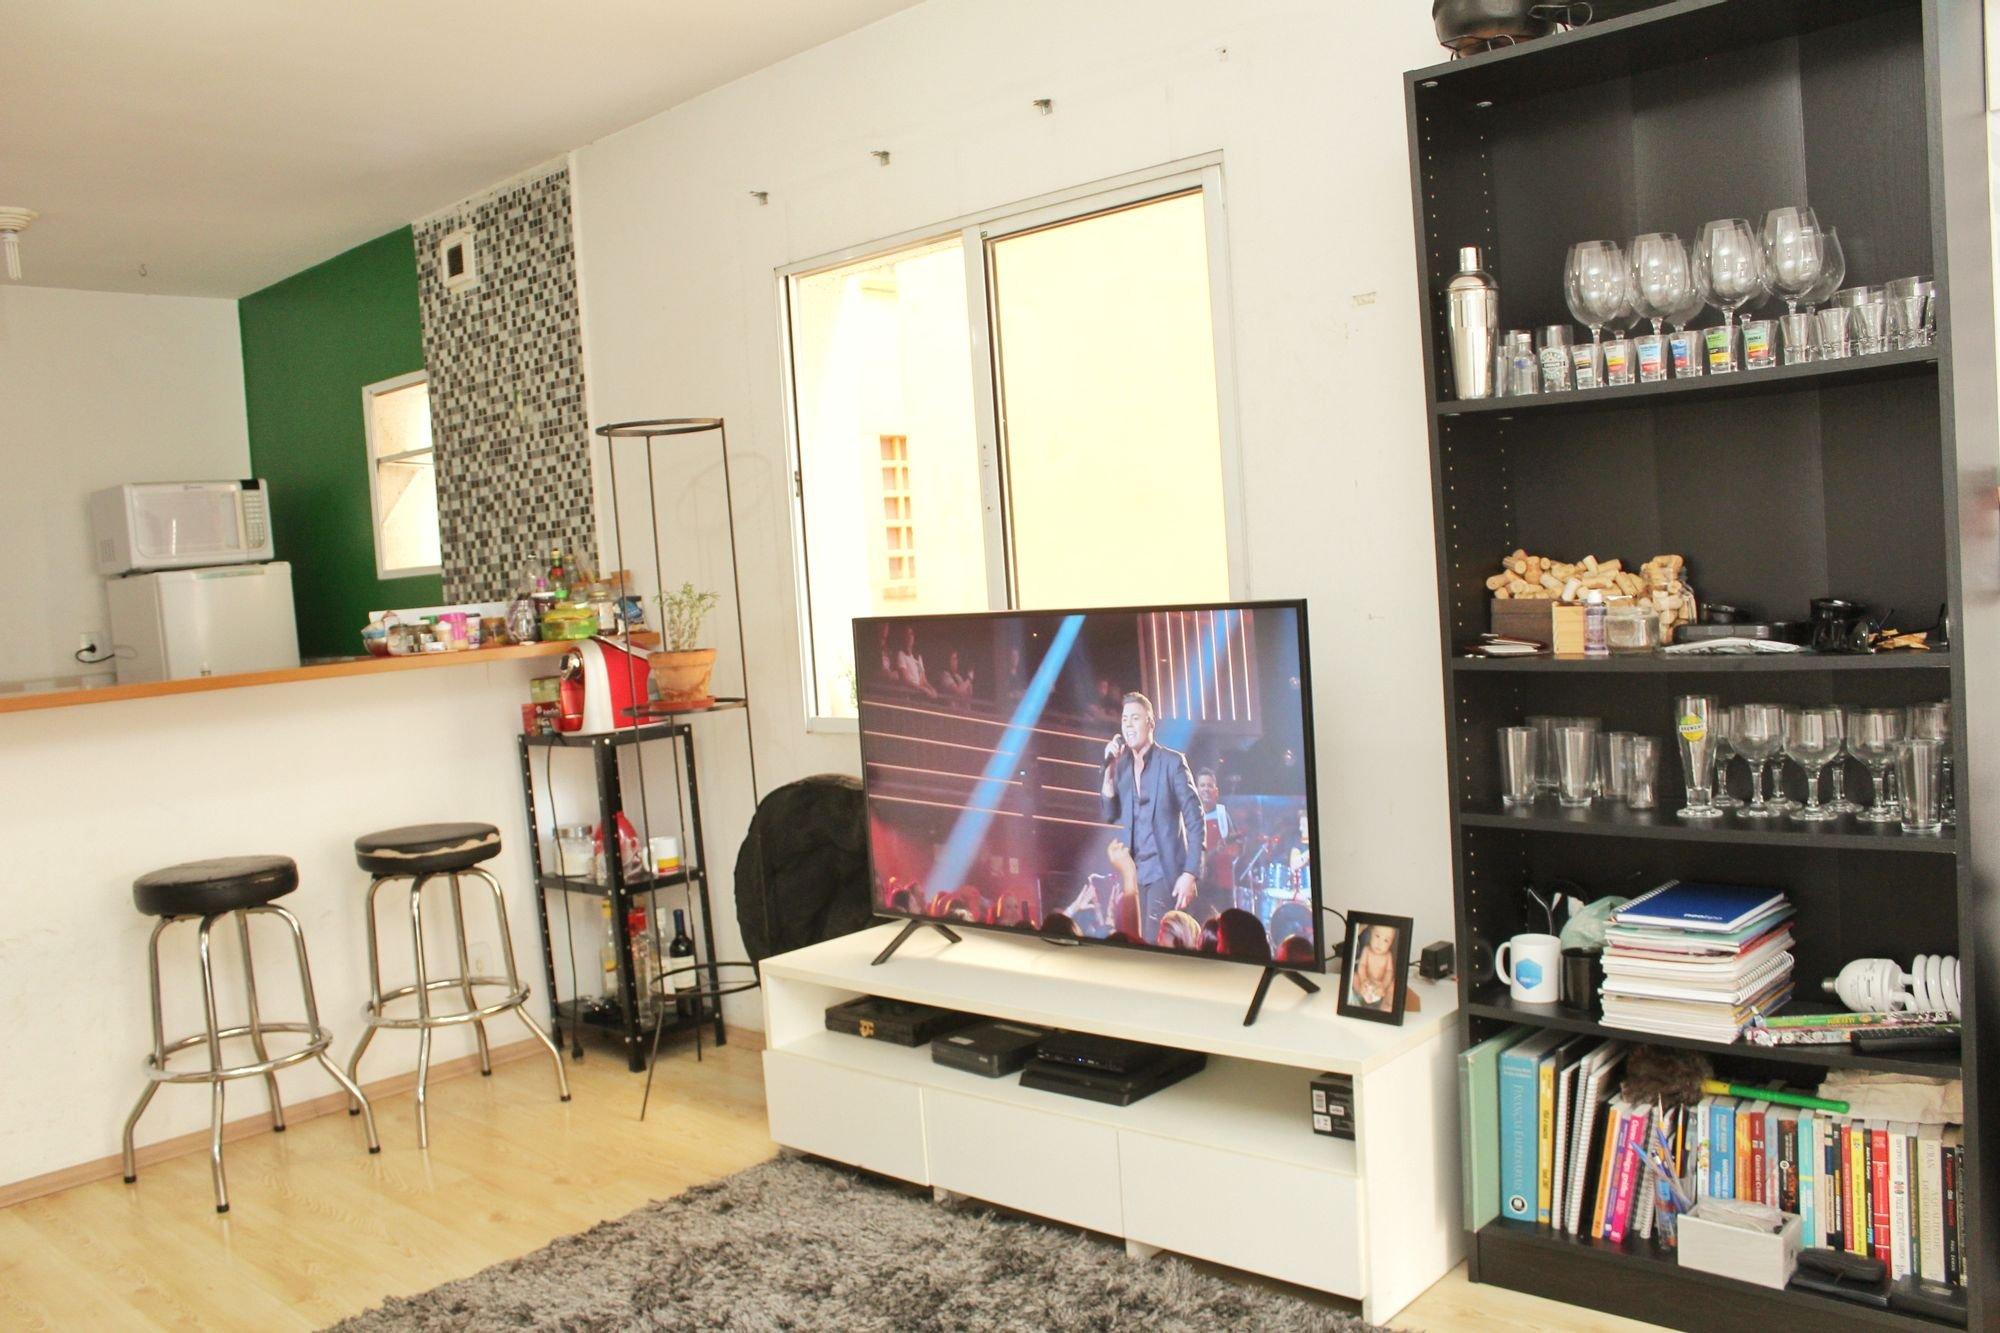 Foto de Sala com copo de vinho, televisão, cadeira, livro, garrafa, microondas, xícara